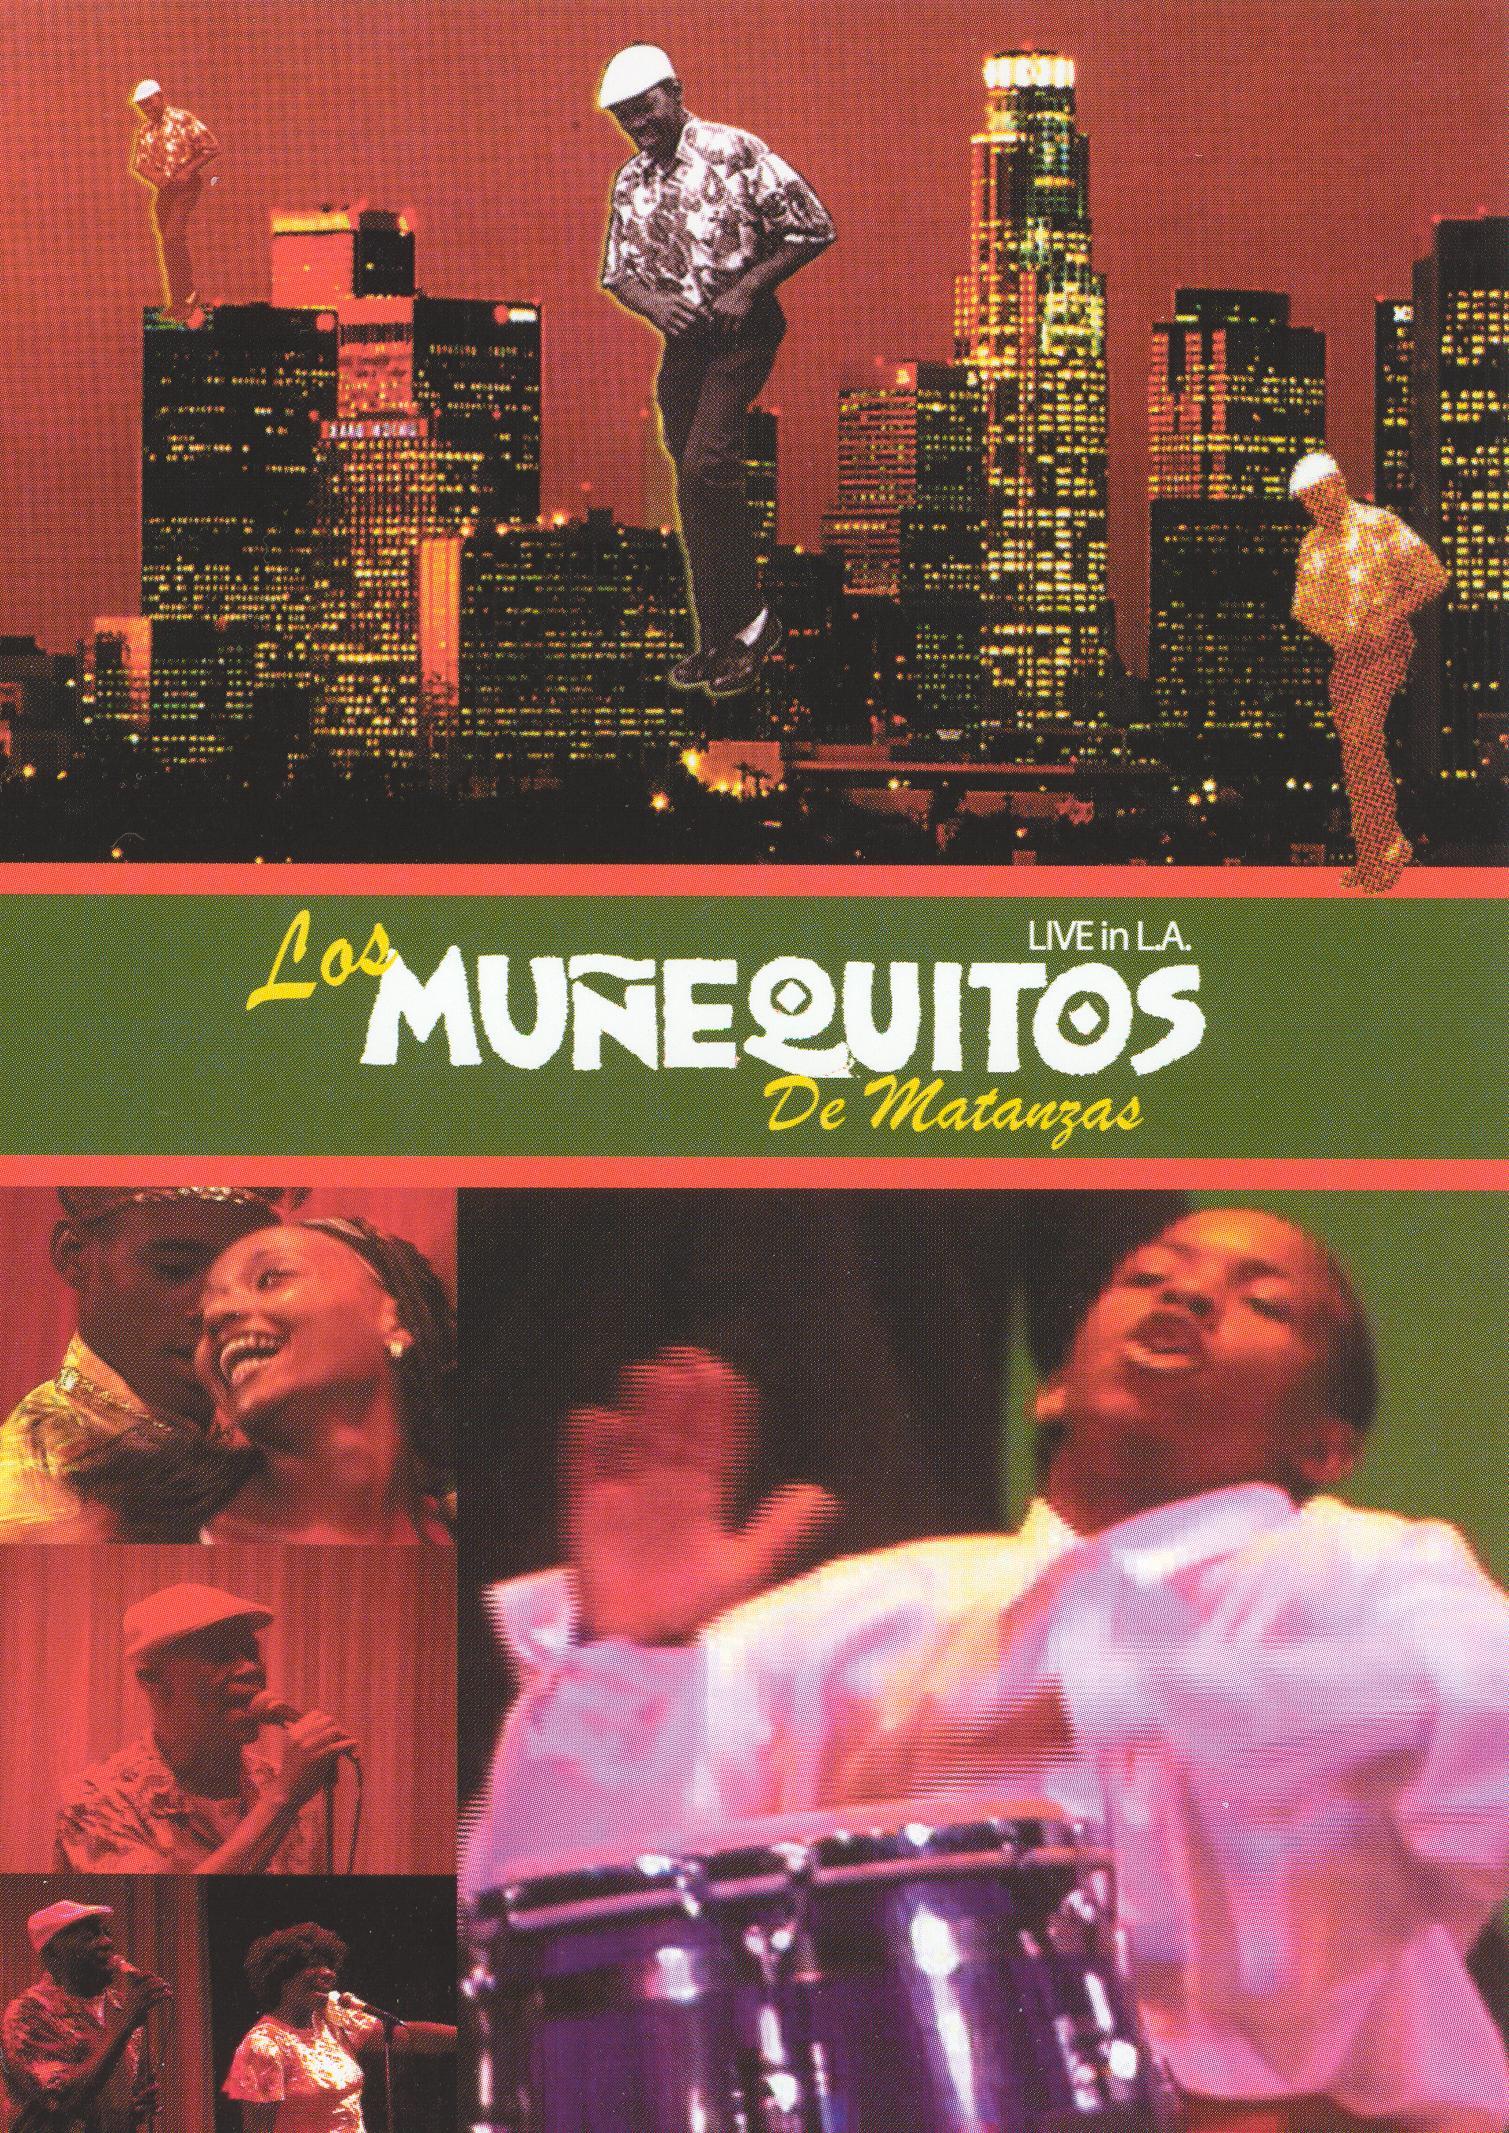 Los Munequitos De Matanzas: Live In L.A.